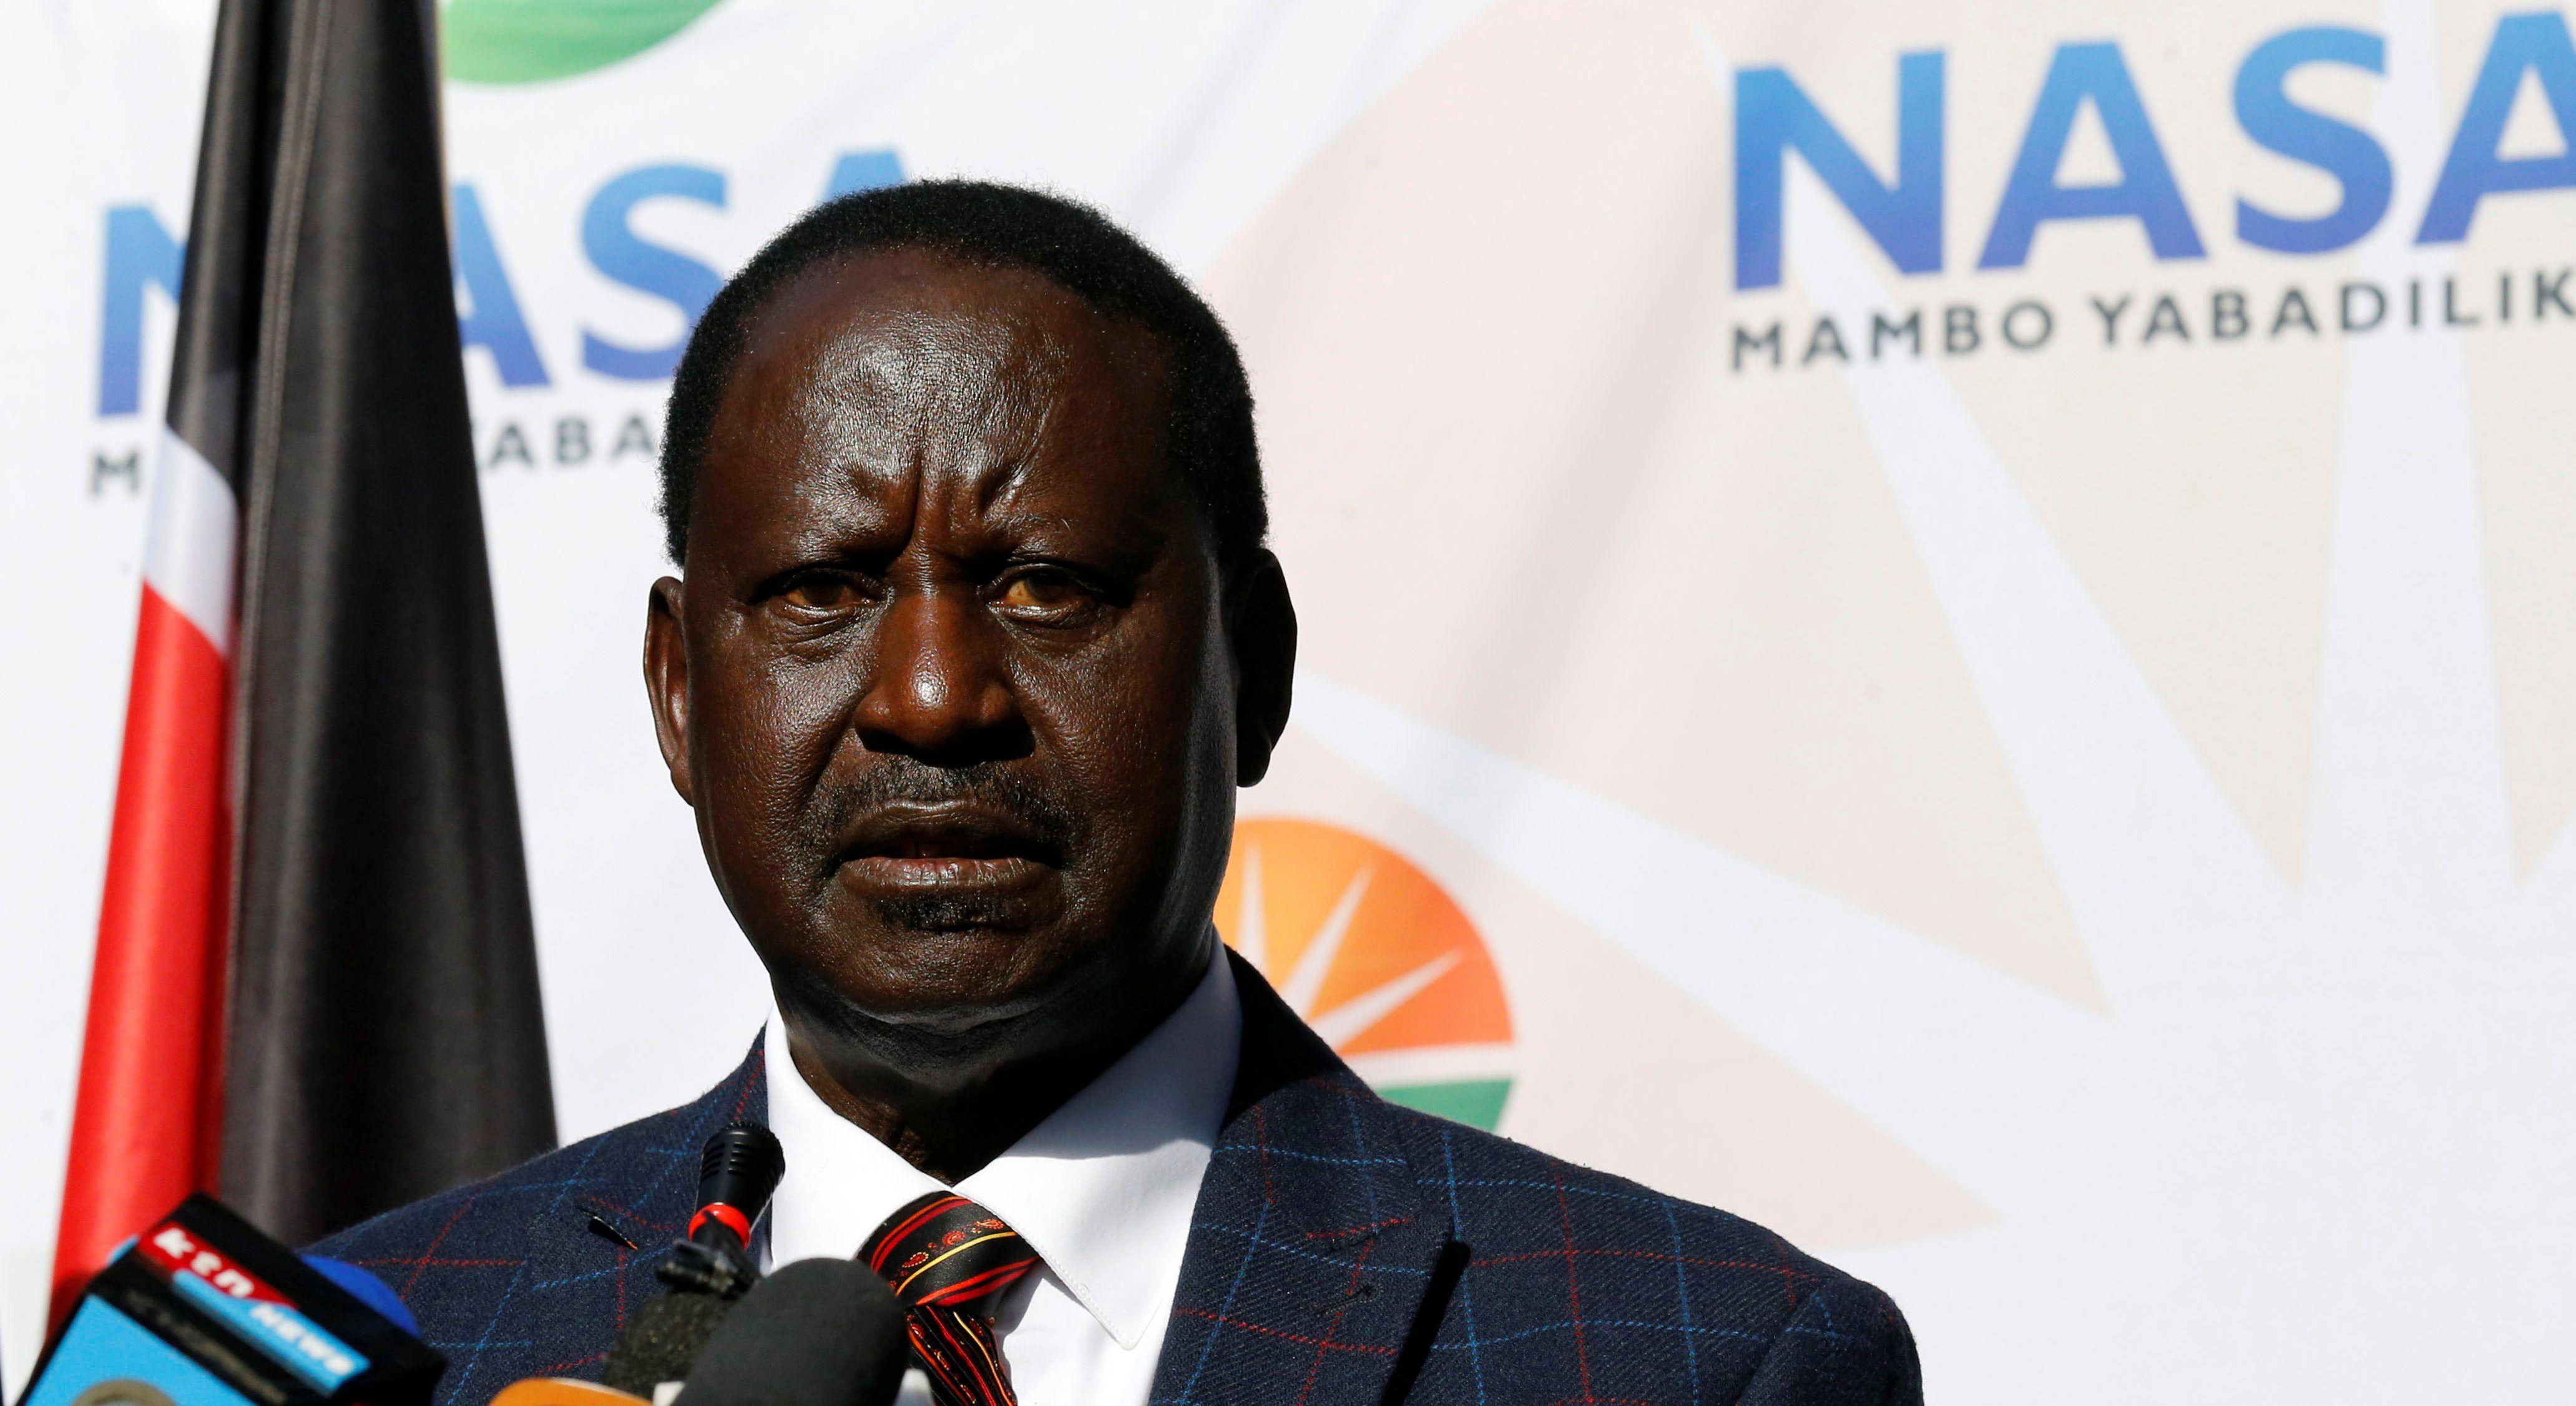 Uhuru Kenyatta Kenyatta réélu président avec 98% des voix — Kenya